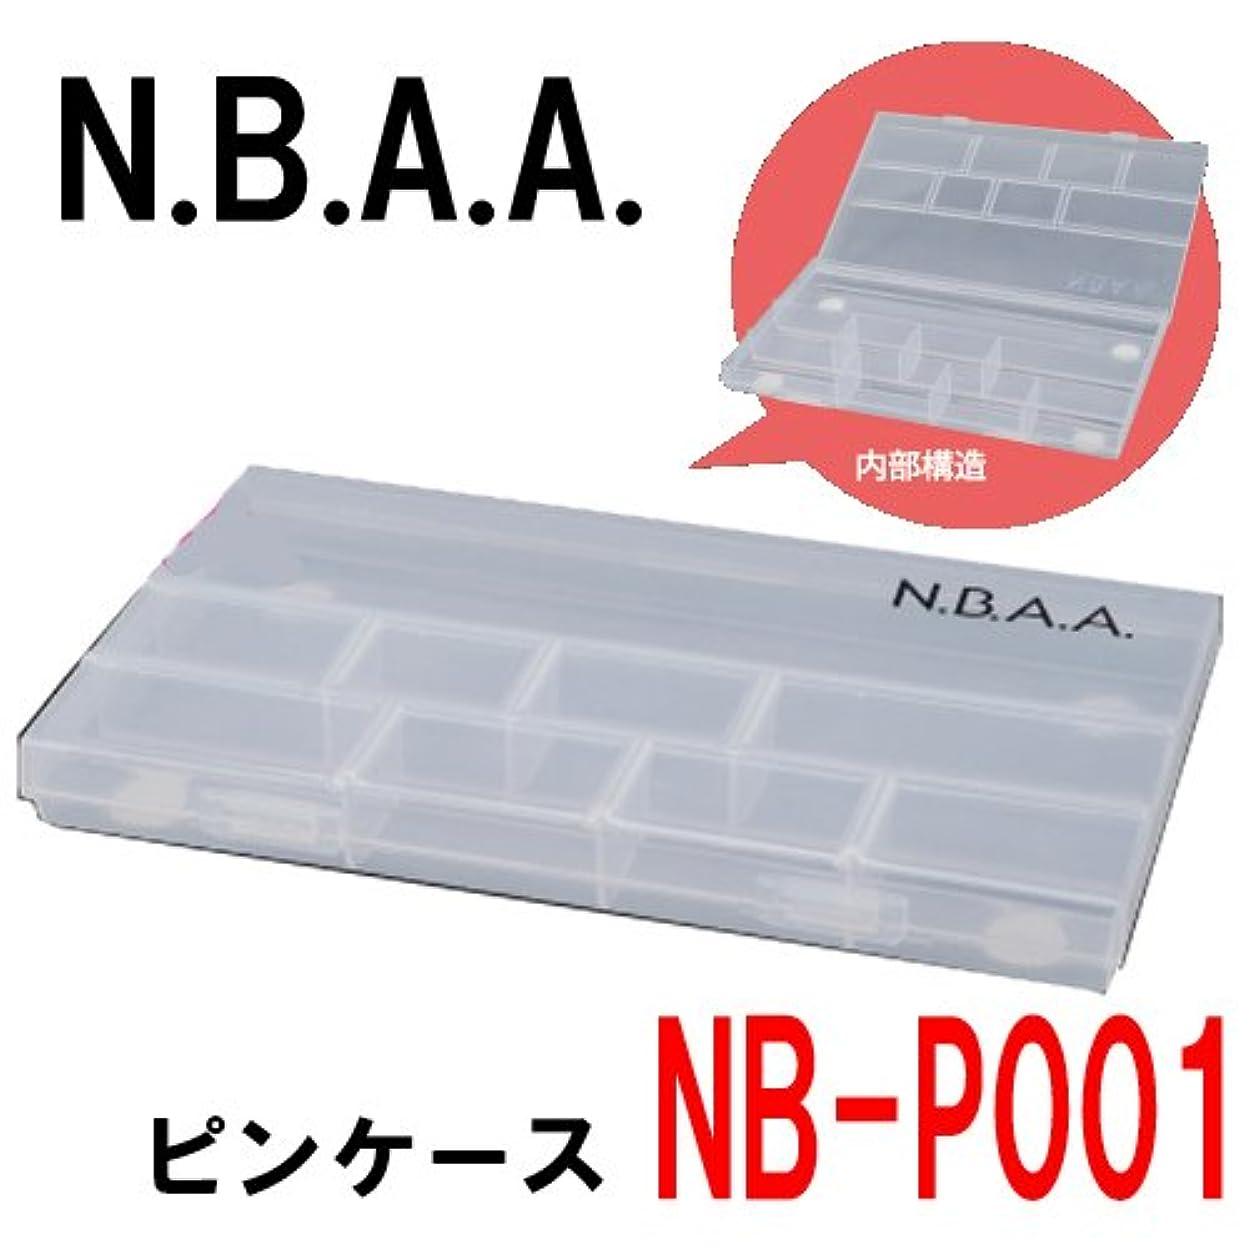 納得させる水族館虚栄心N.B.A.A. NB-P001 ピンケース